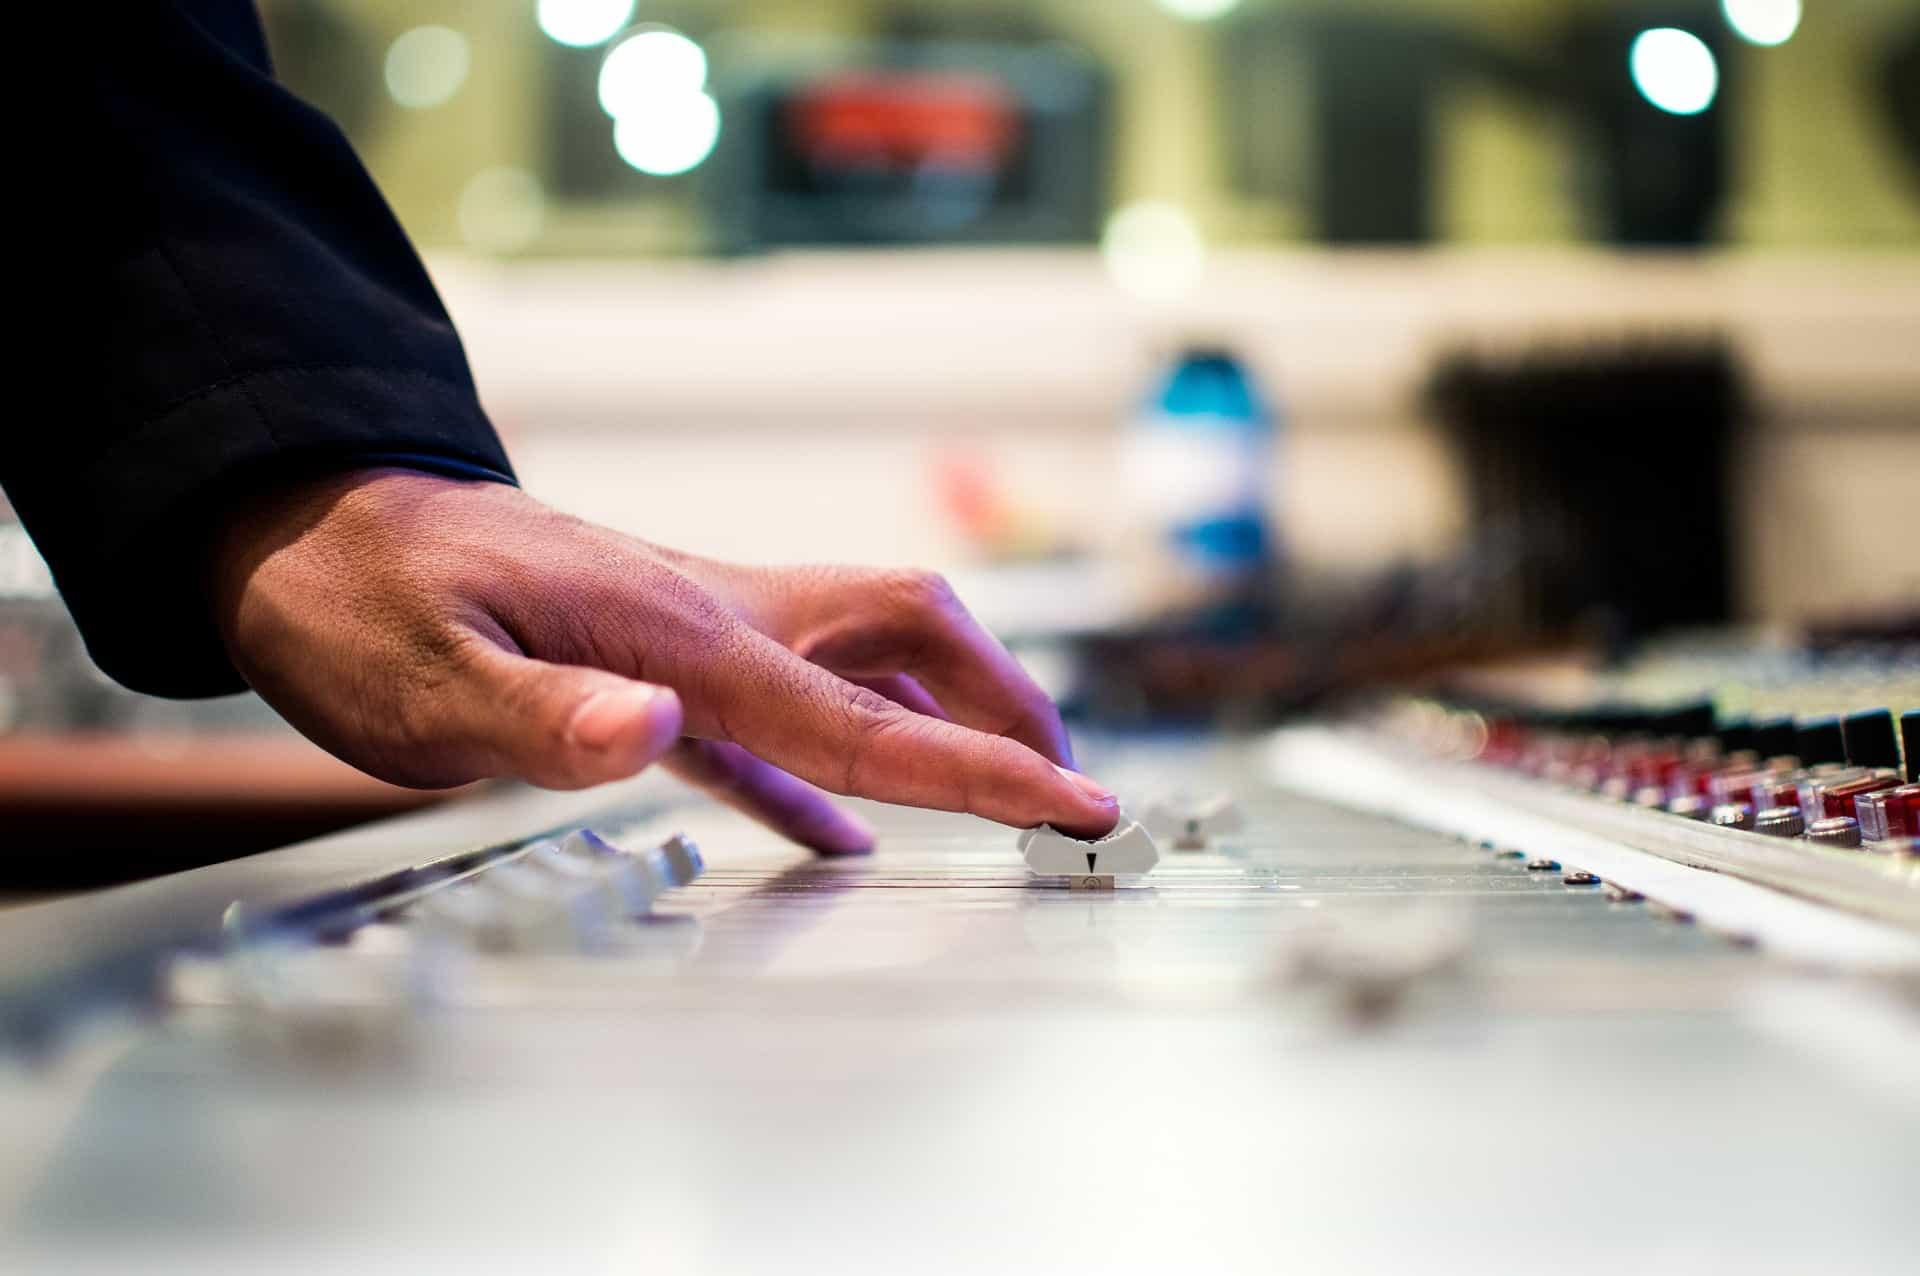 Warum Musik und Ton beim Film nicht nur eine Nebenrolle spielt